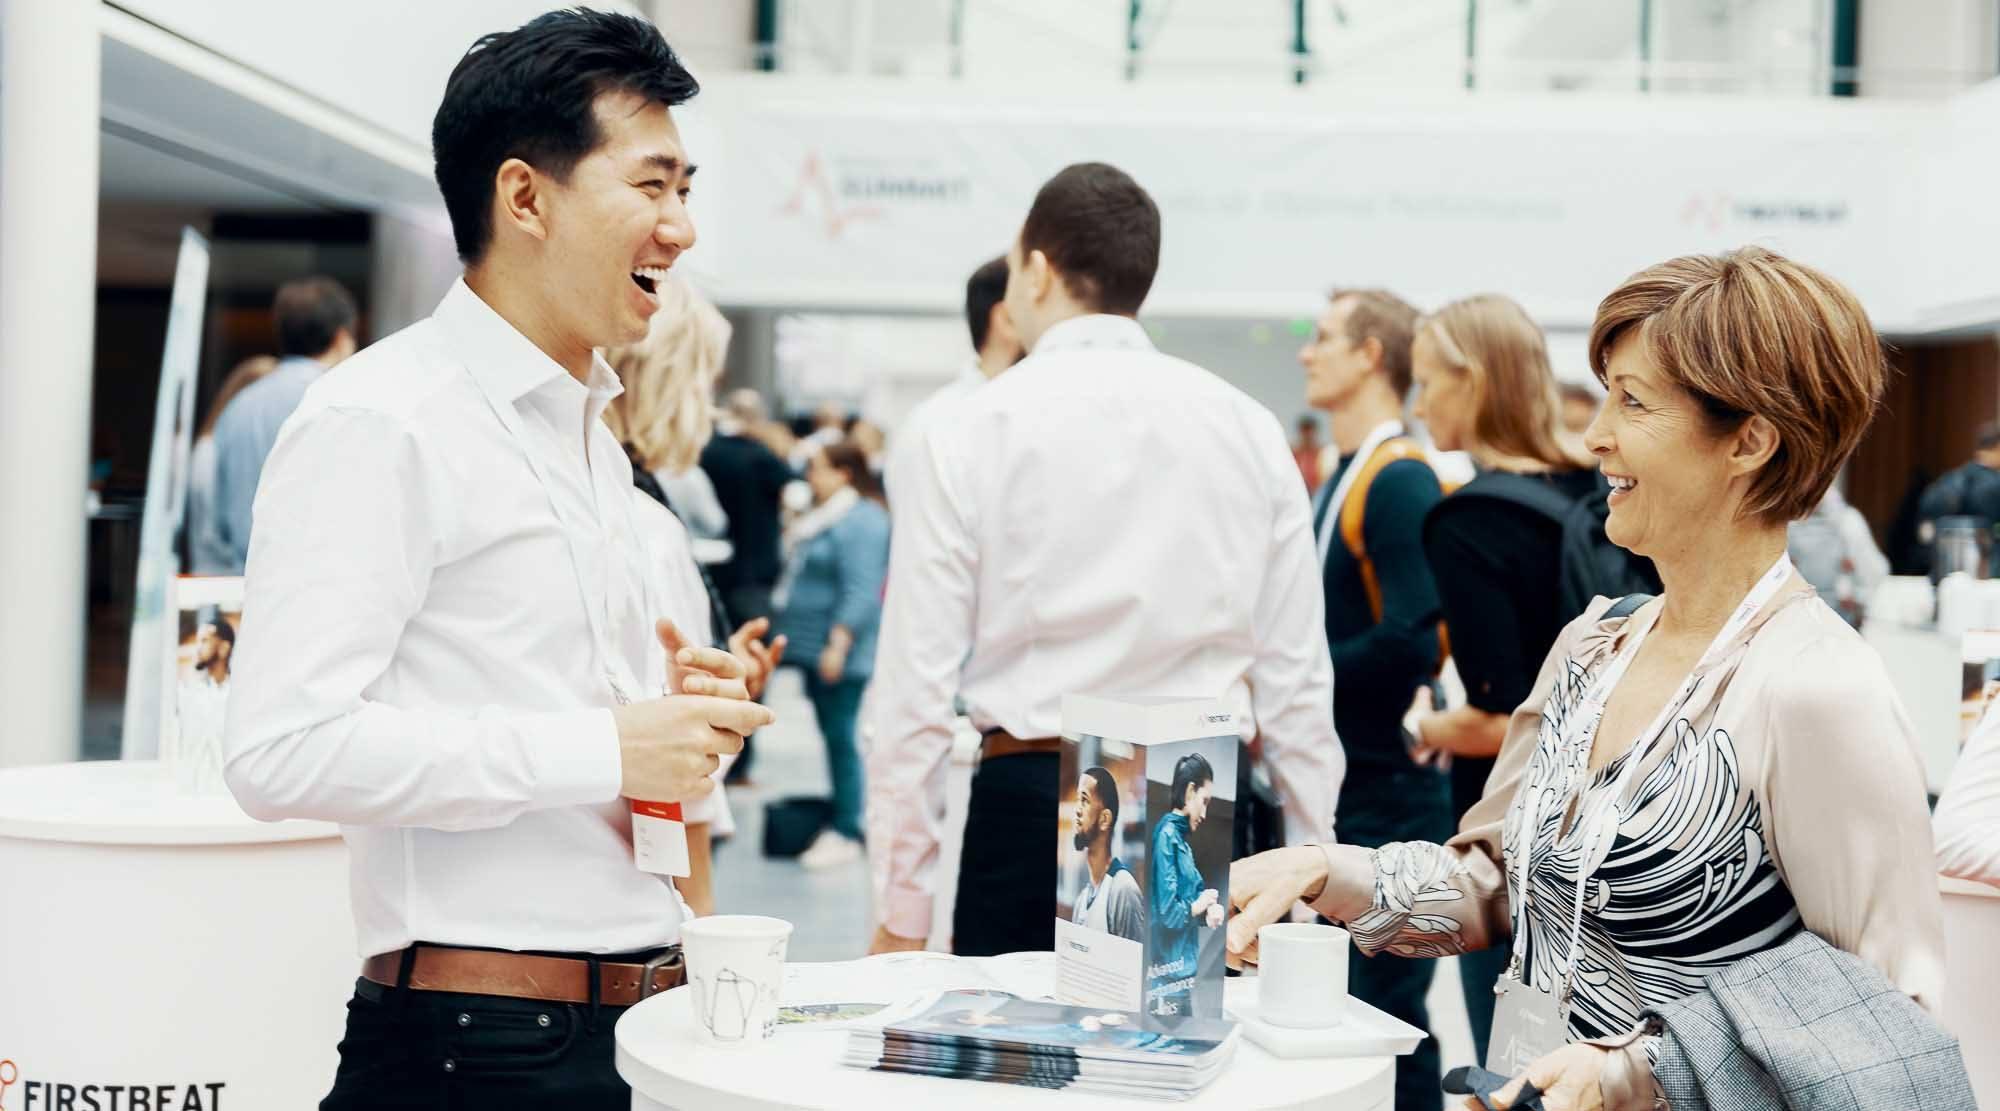 Firstbeat HRV Summit 2019 in Helsinki